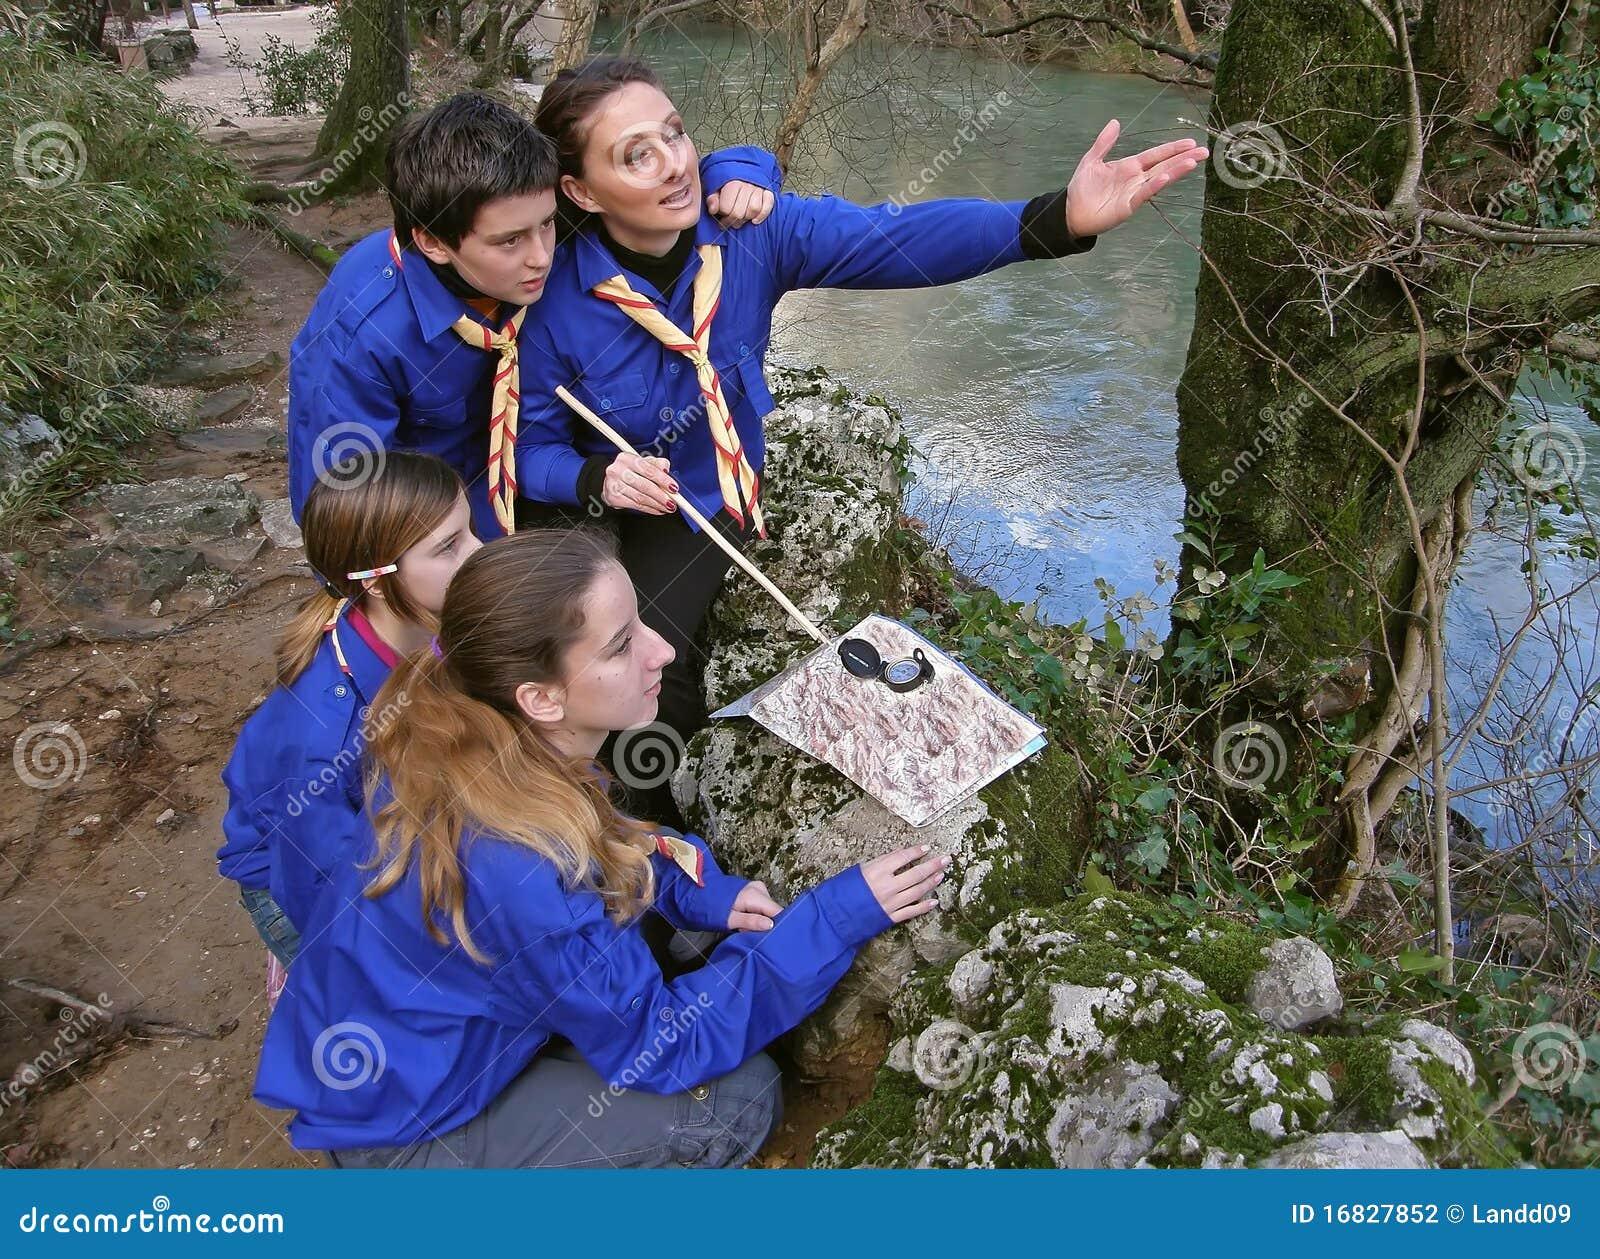 Scouts learn orientation 3